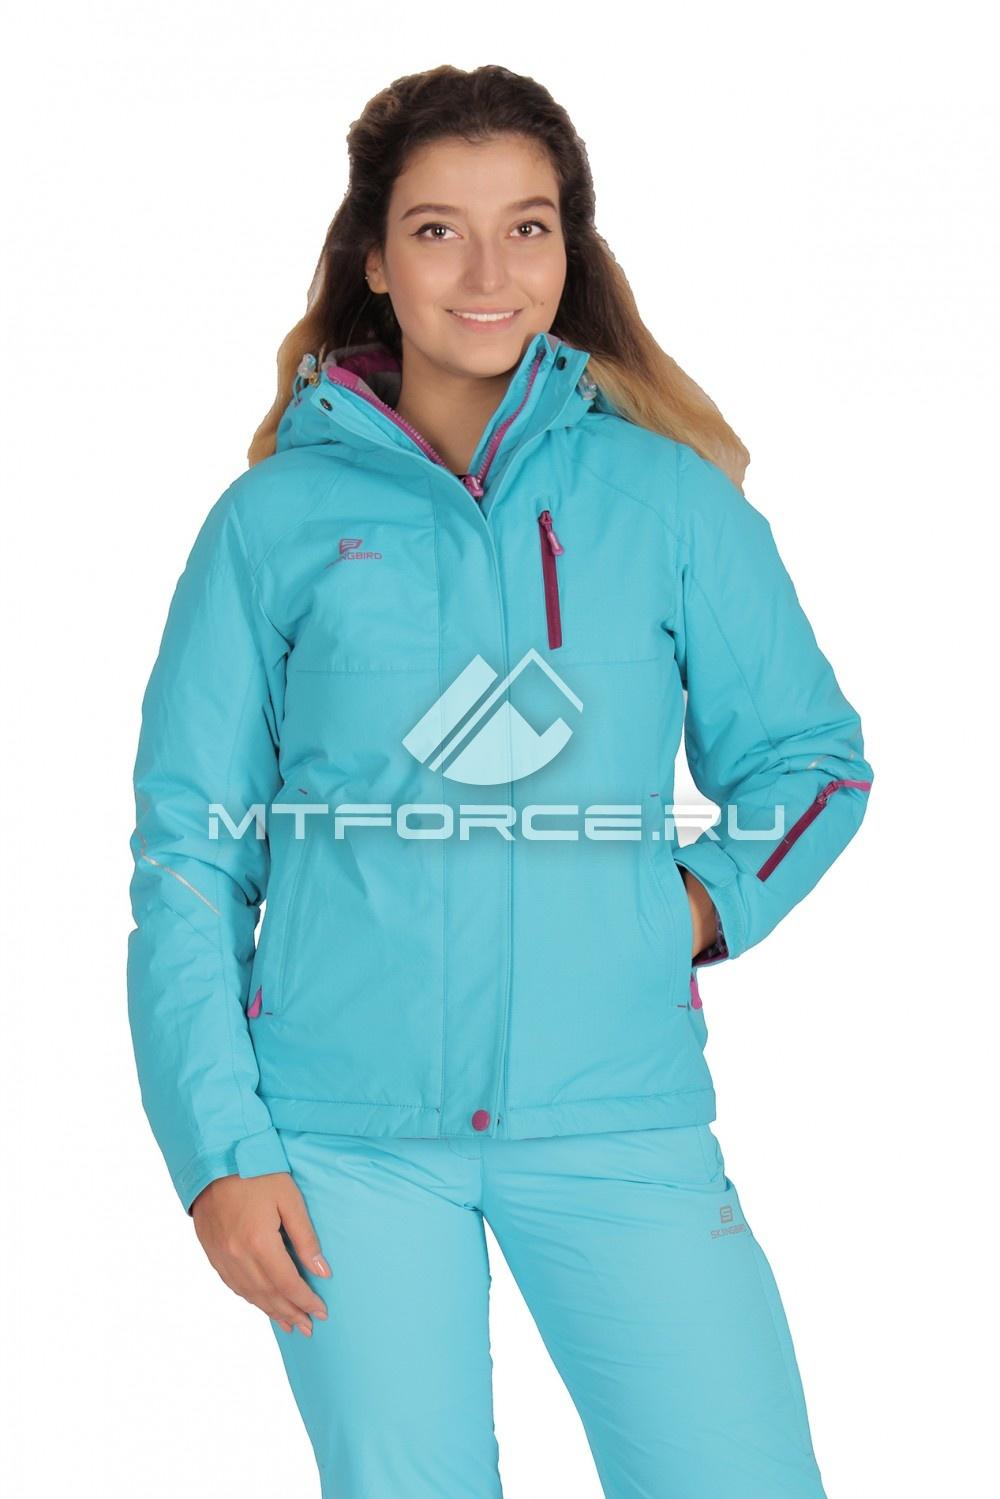 Купить                                  оптом Куртка демисезонная женская голубого цвета 1708G в Новосибирске